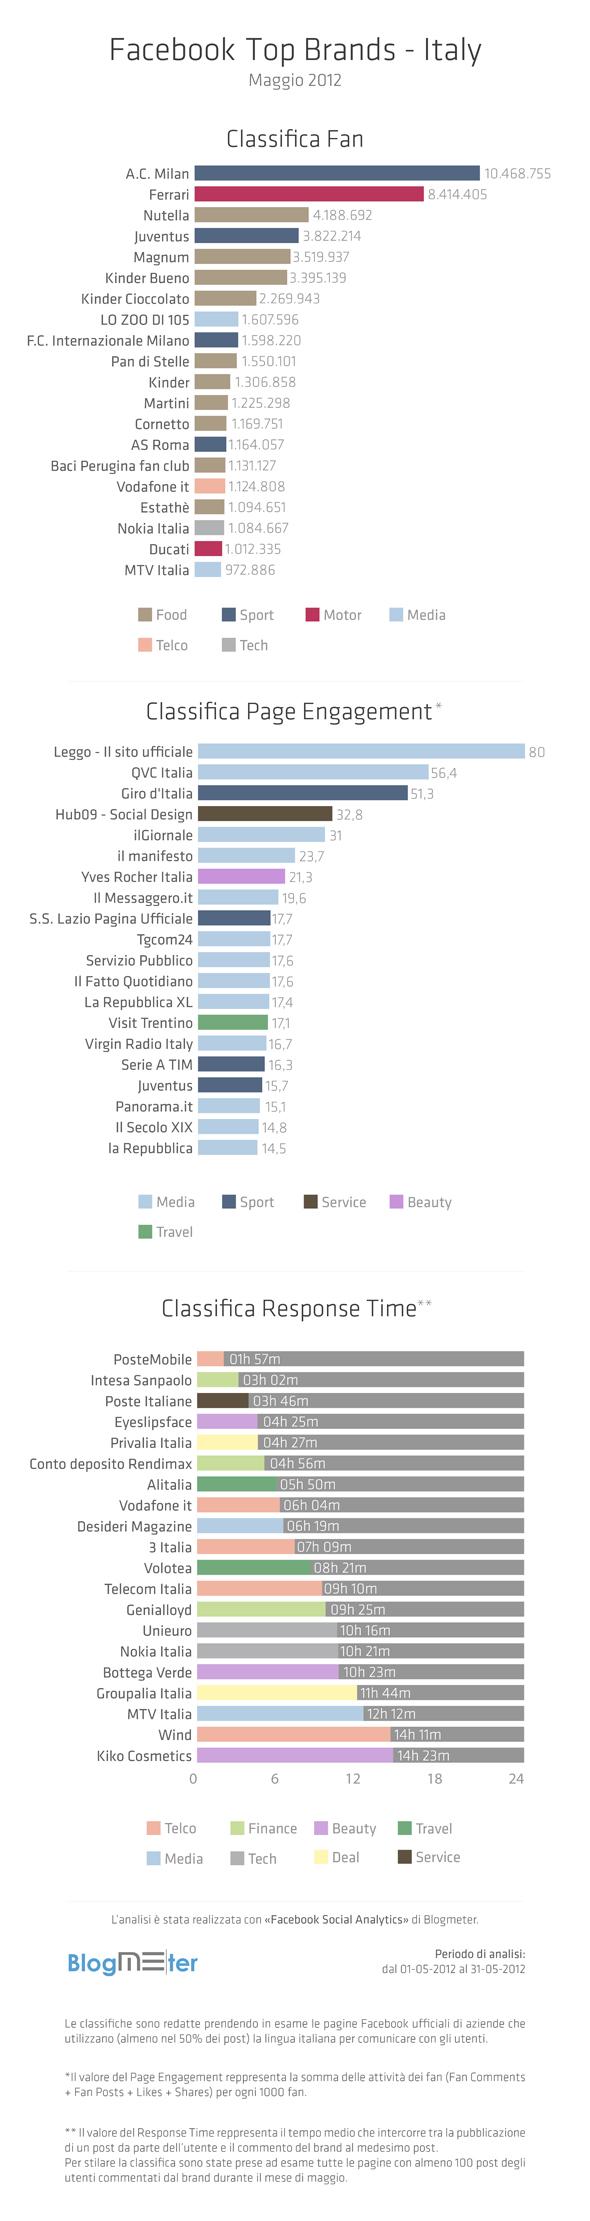 Le migliori aziende su Facebook - maggio 2012